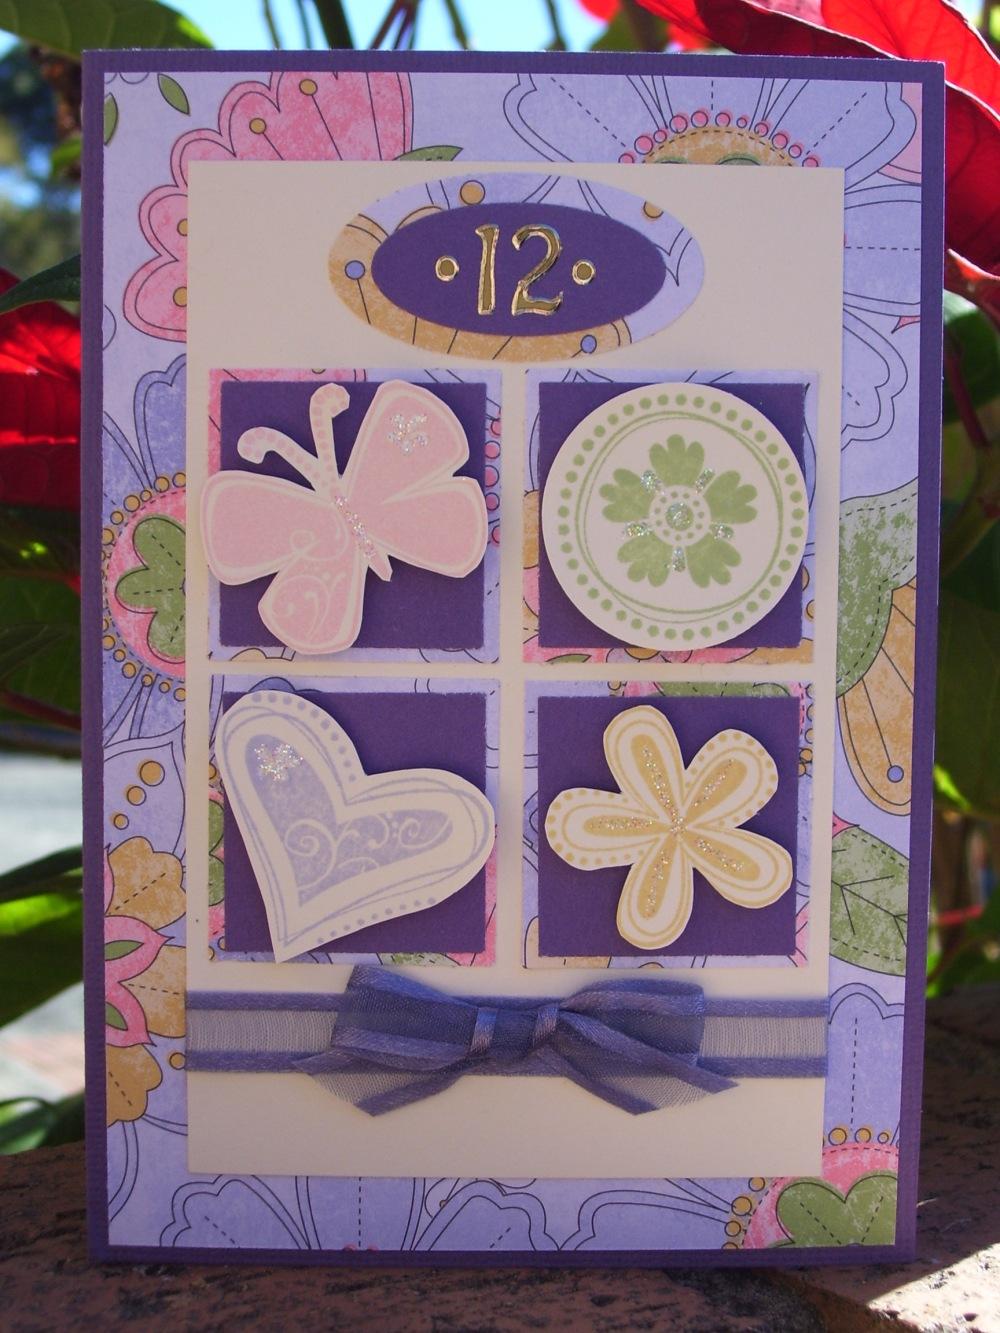 Lynda's Sweeties' Sketch Card